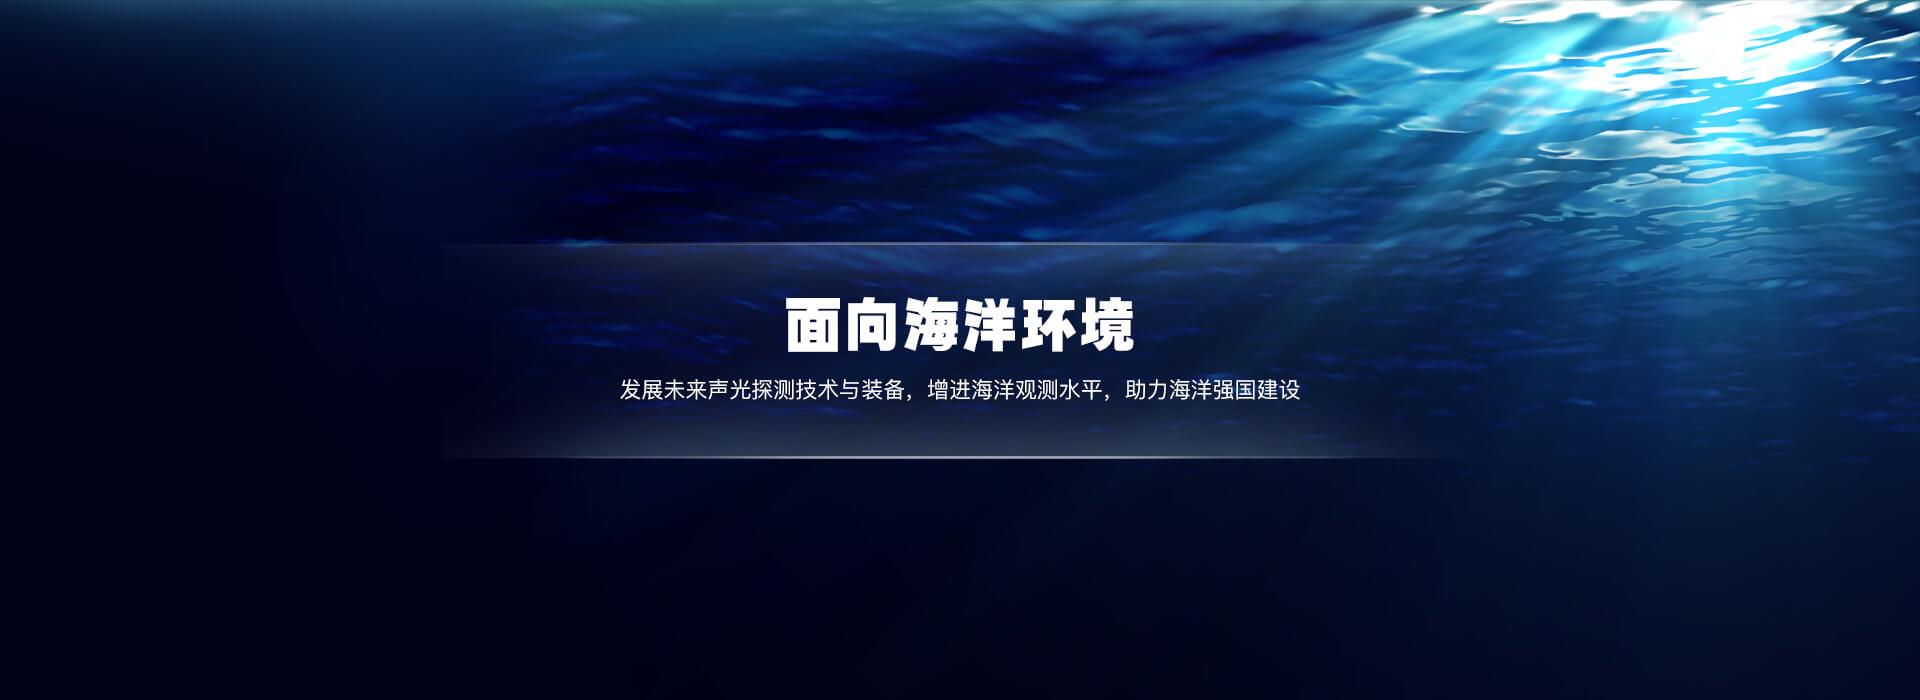 uploads/banner/banner_822.png